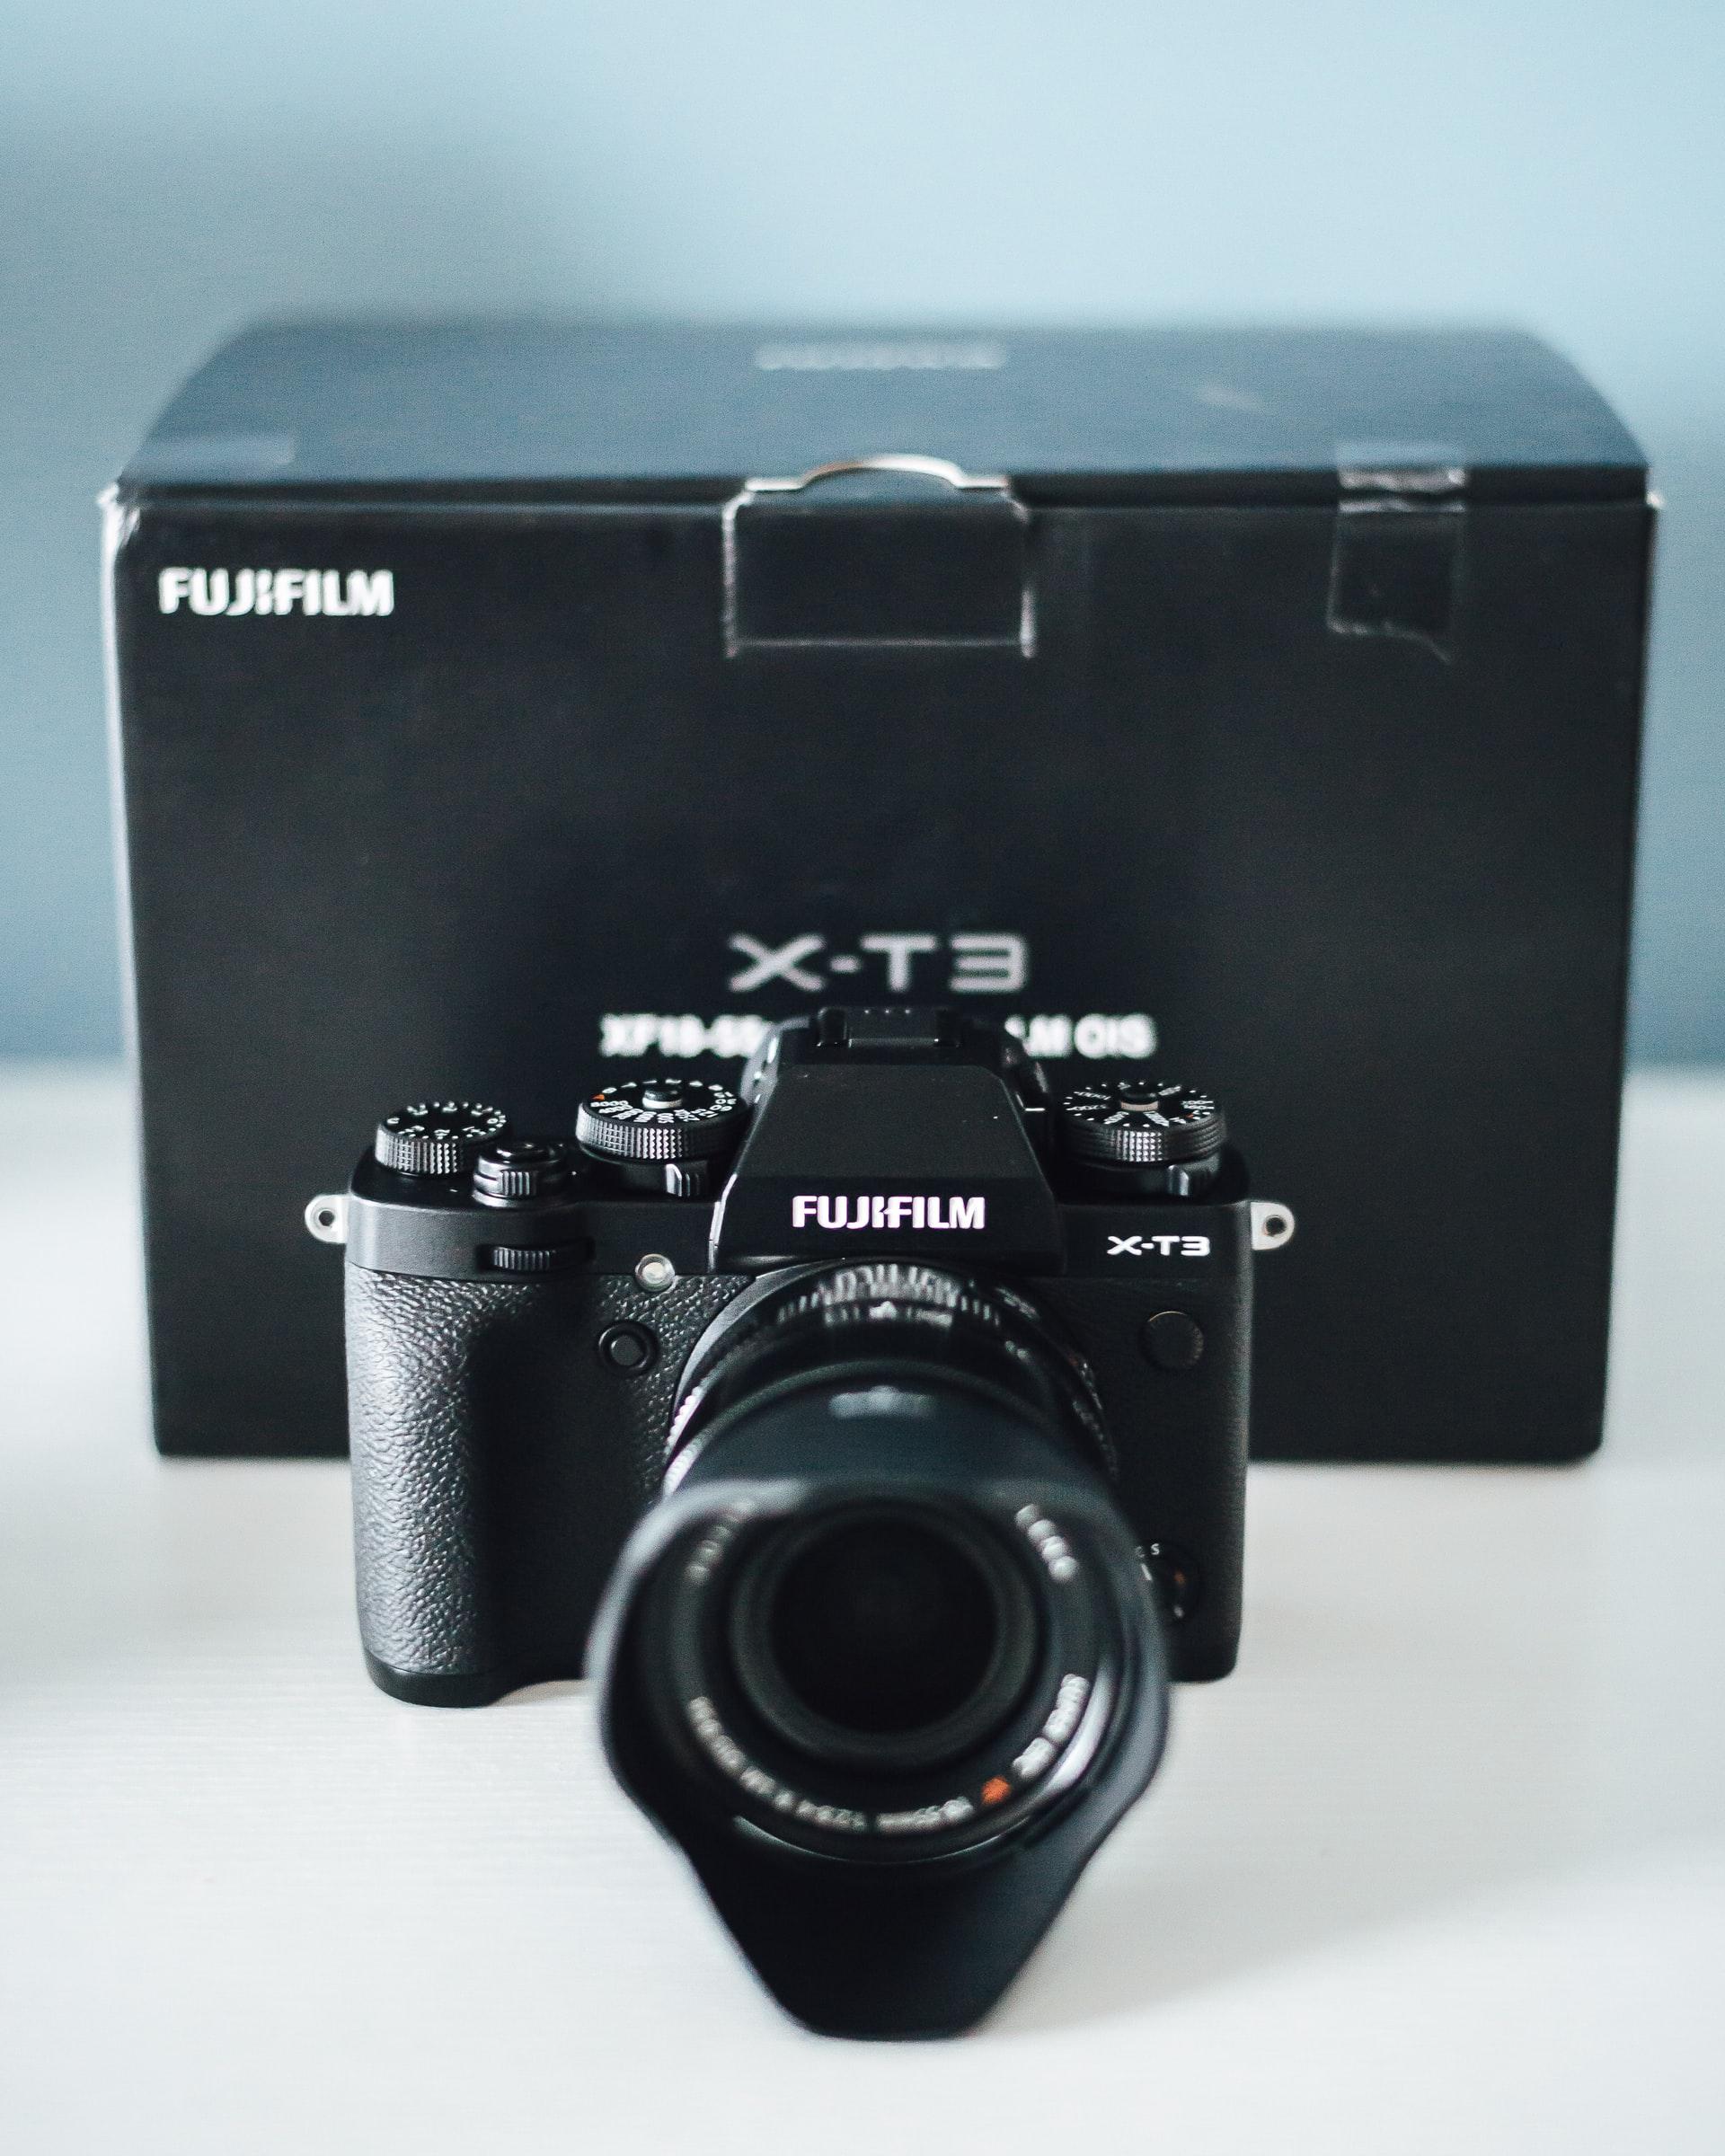 Fujifilm X T3 Specs 1 image